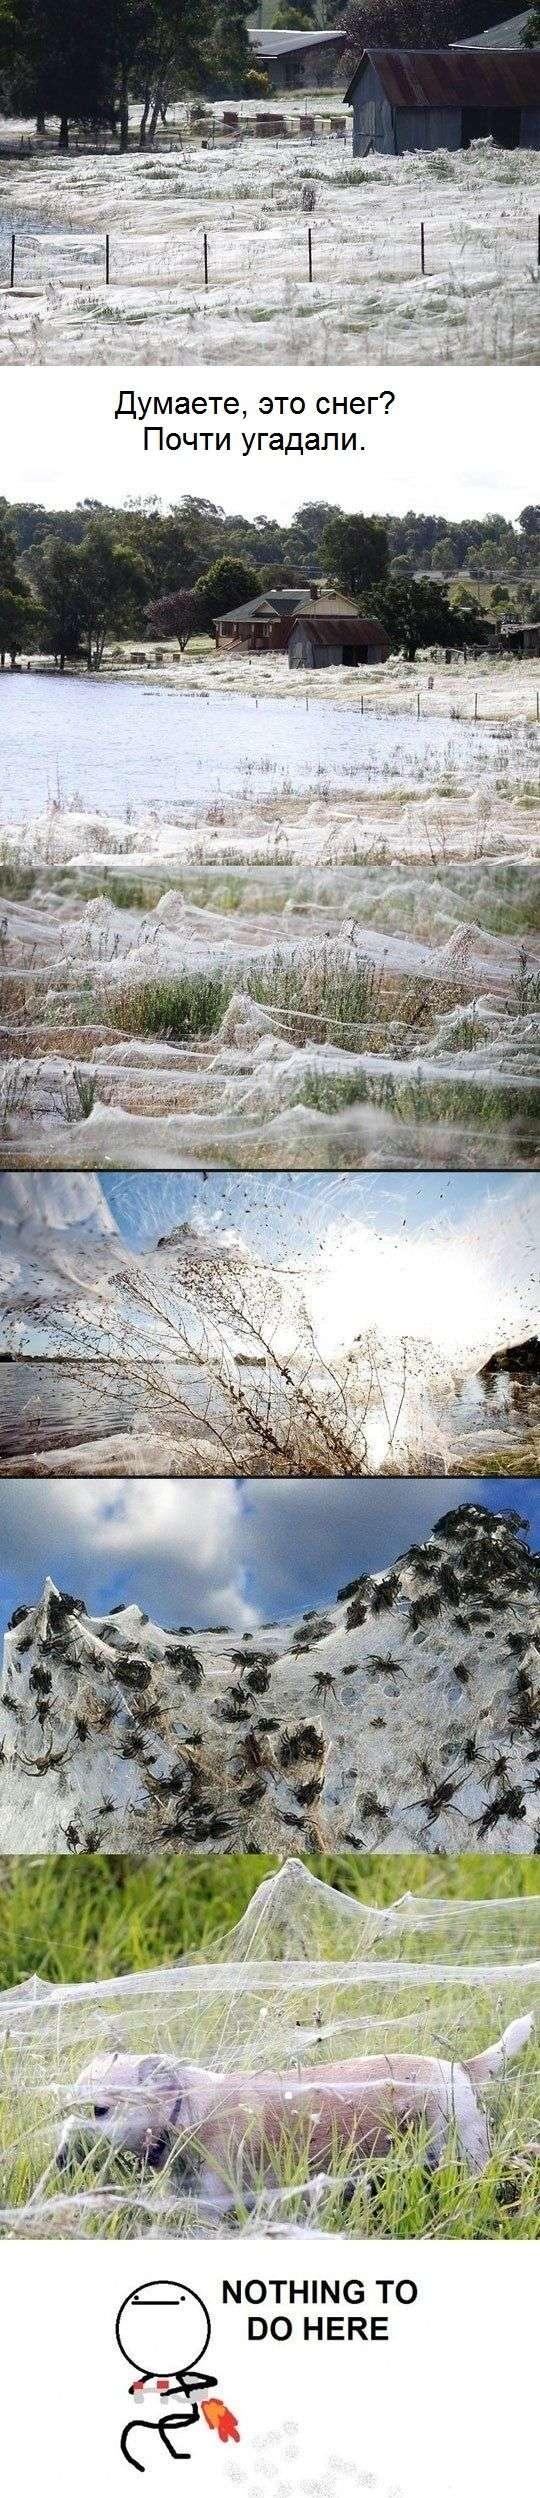 Прикольні картинки (116 фото)